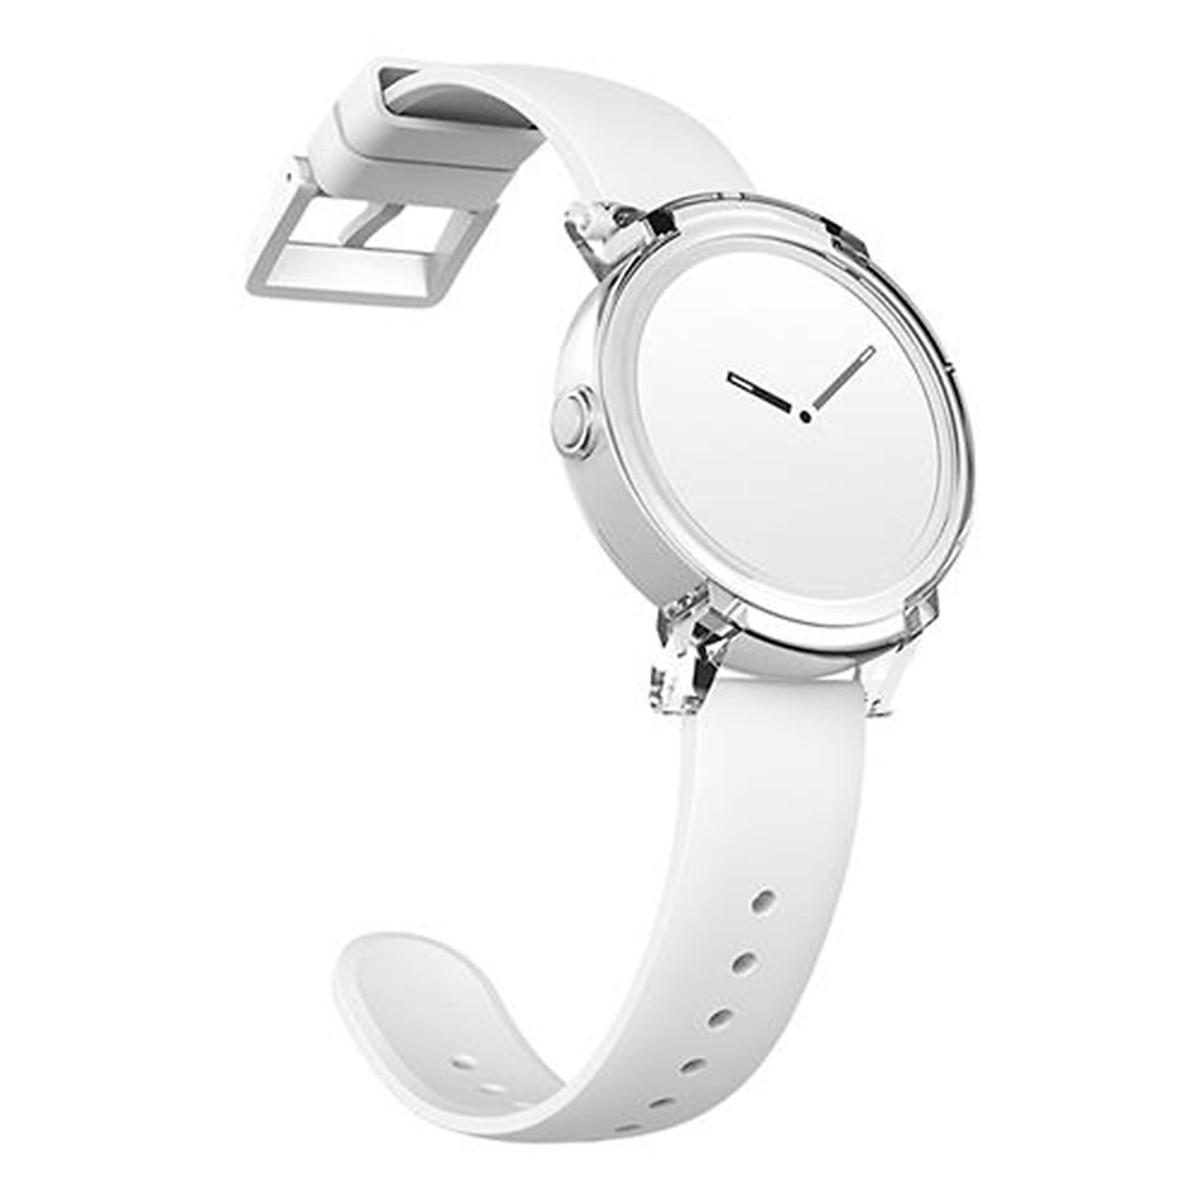 Đồng hồ thông minh TicWatch E Trắng - Hàng chính hãng 100%